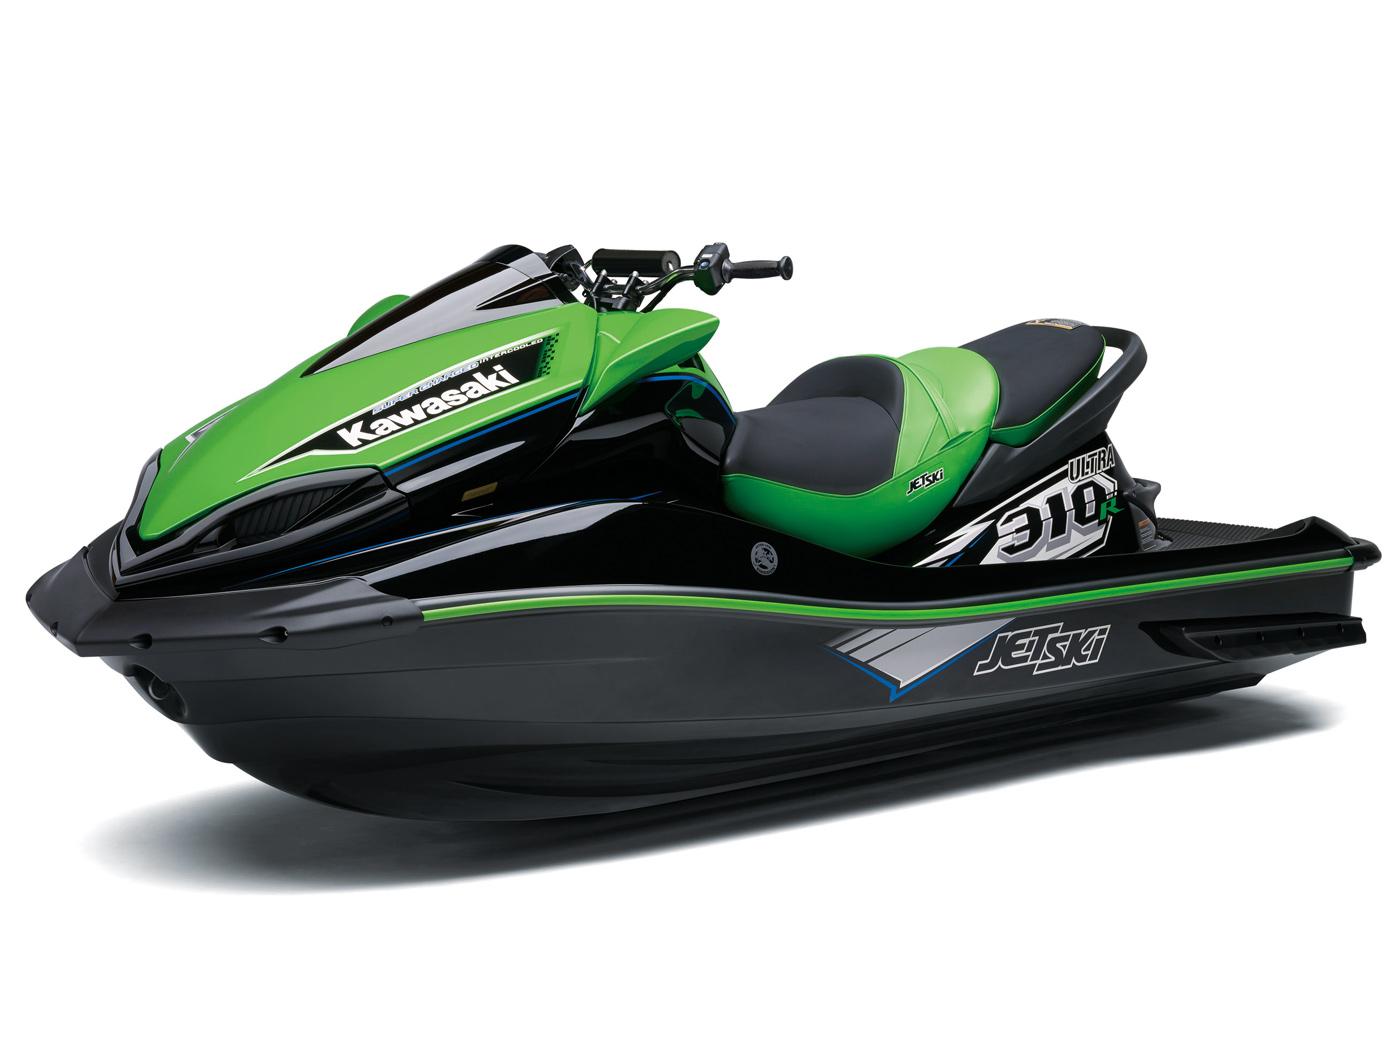 Kawasaki Jet Ski Ultra Series